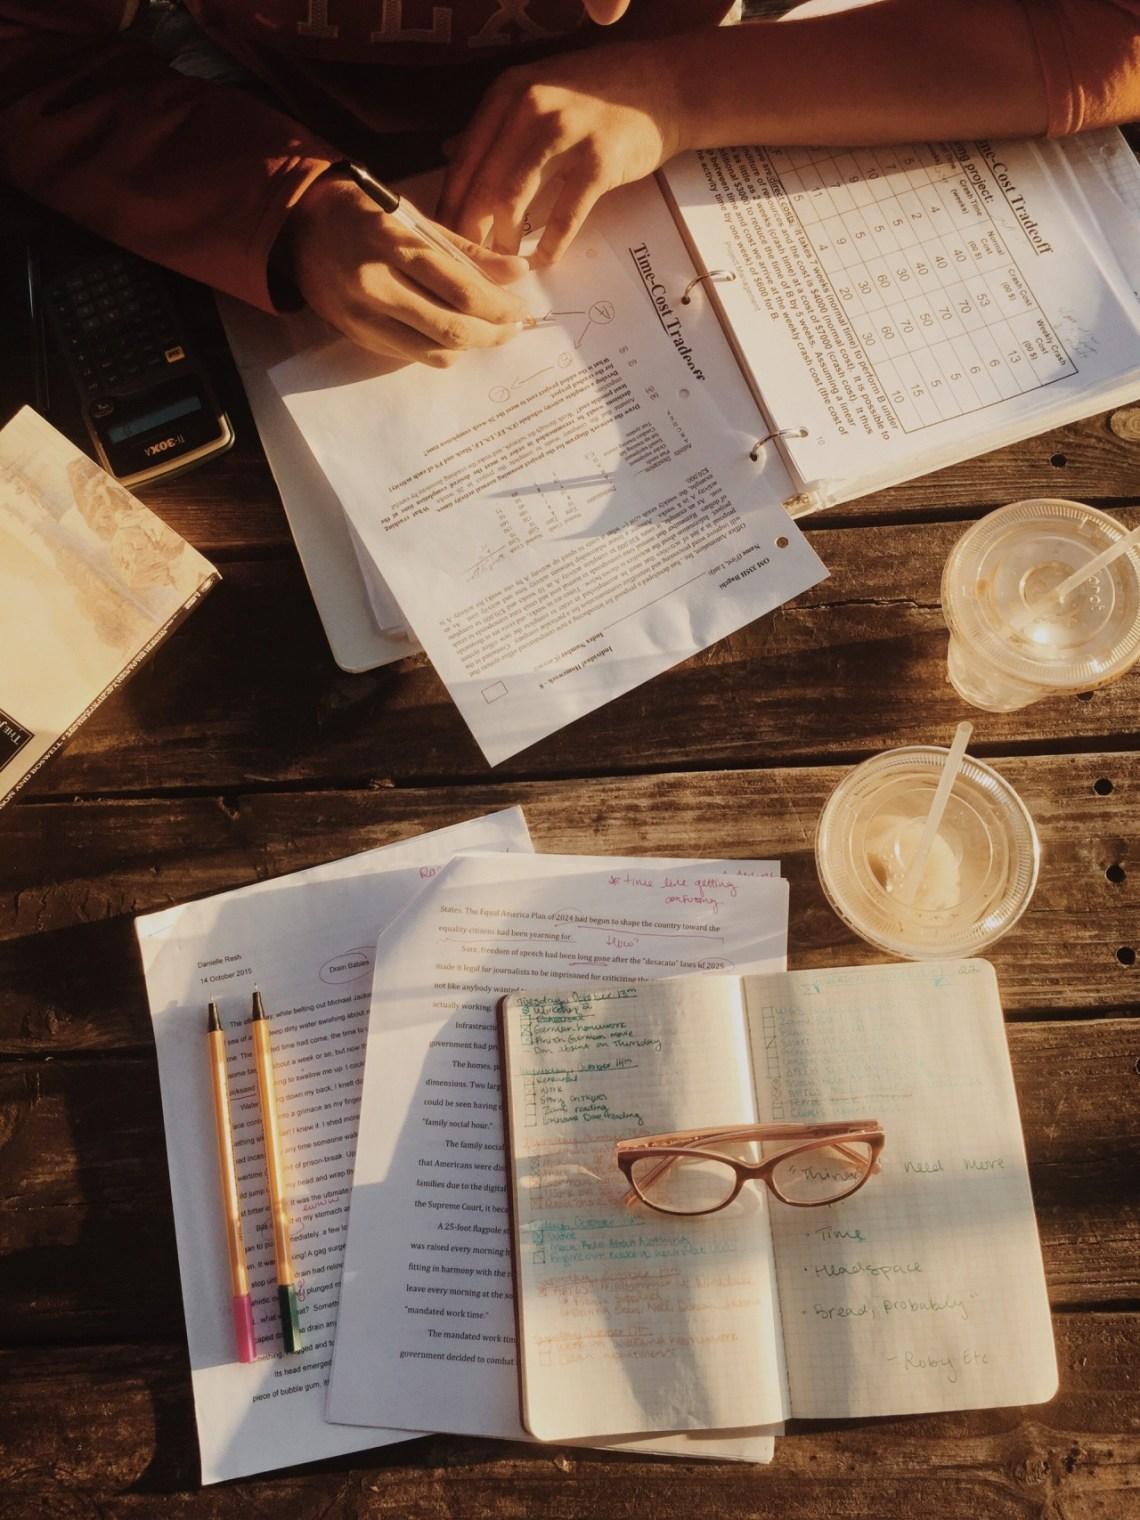 Англи хэлийг эх хэл шигээ эзэмших 7 нууц 10/18/2015 || evening light, beautiful weather, and the mid-semester grind